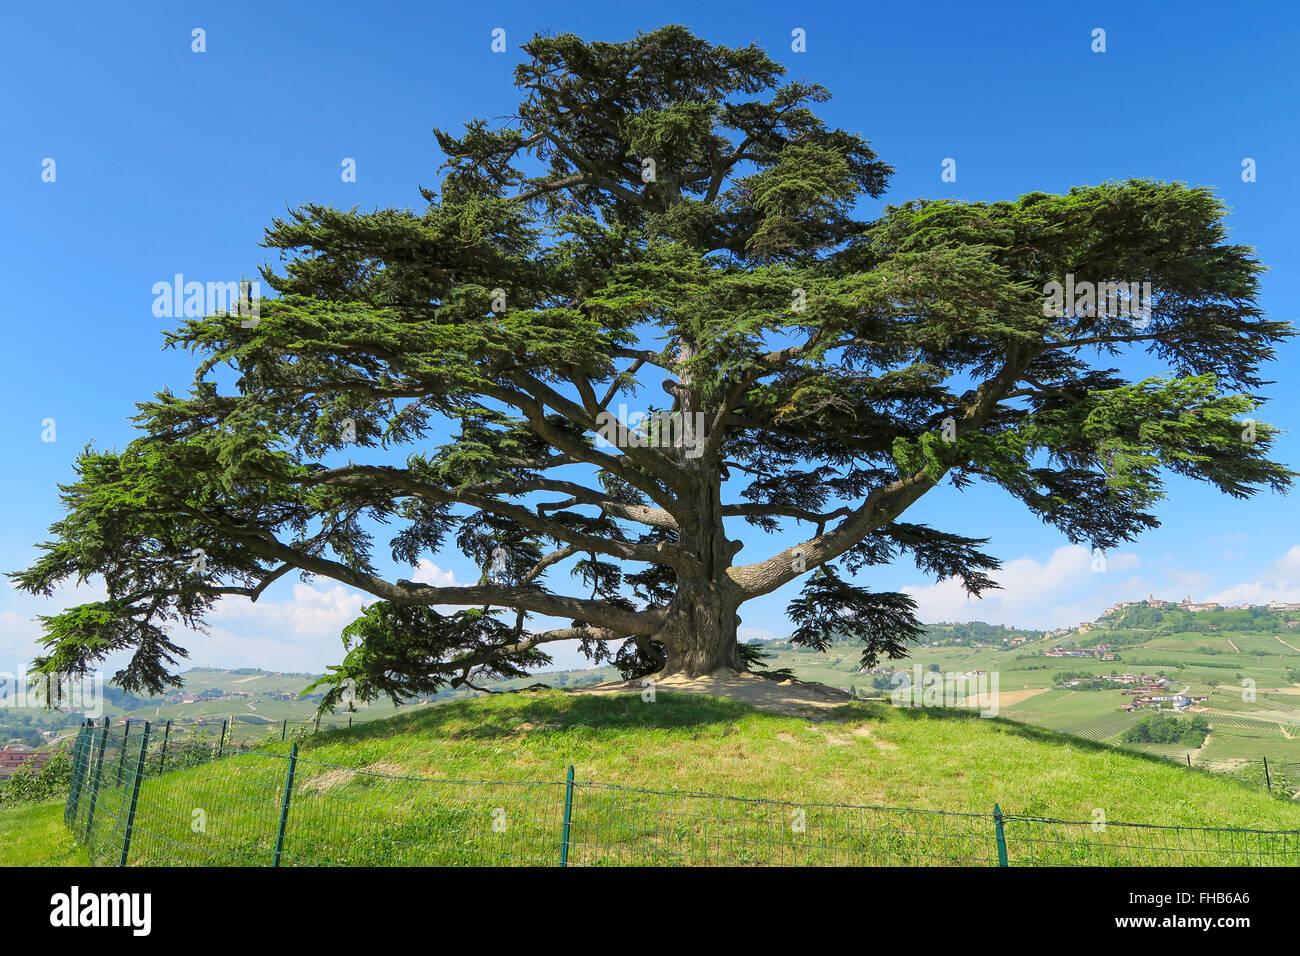 Baum in Mitten der Weinberge - Stock Image